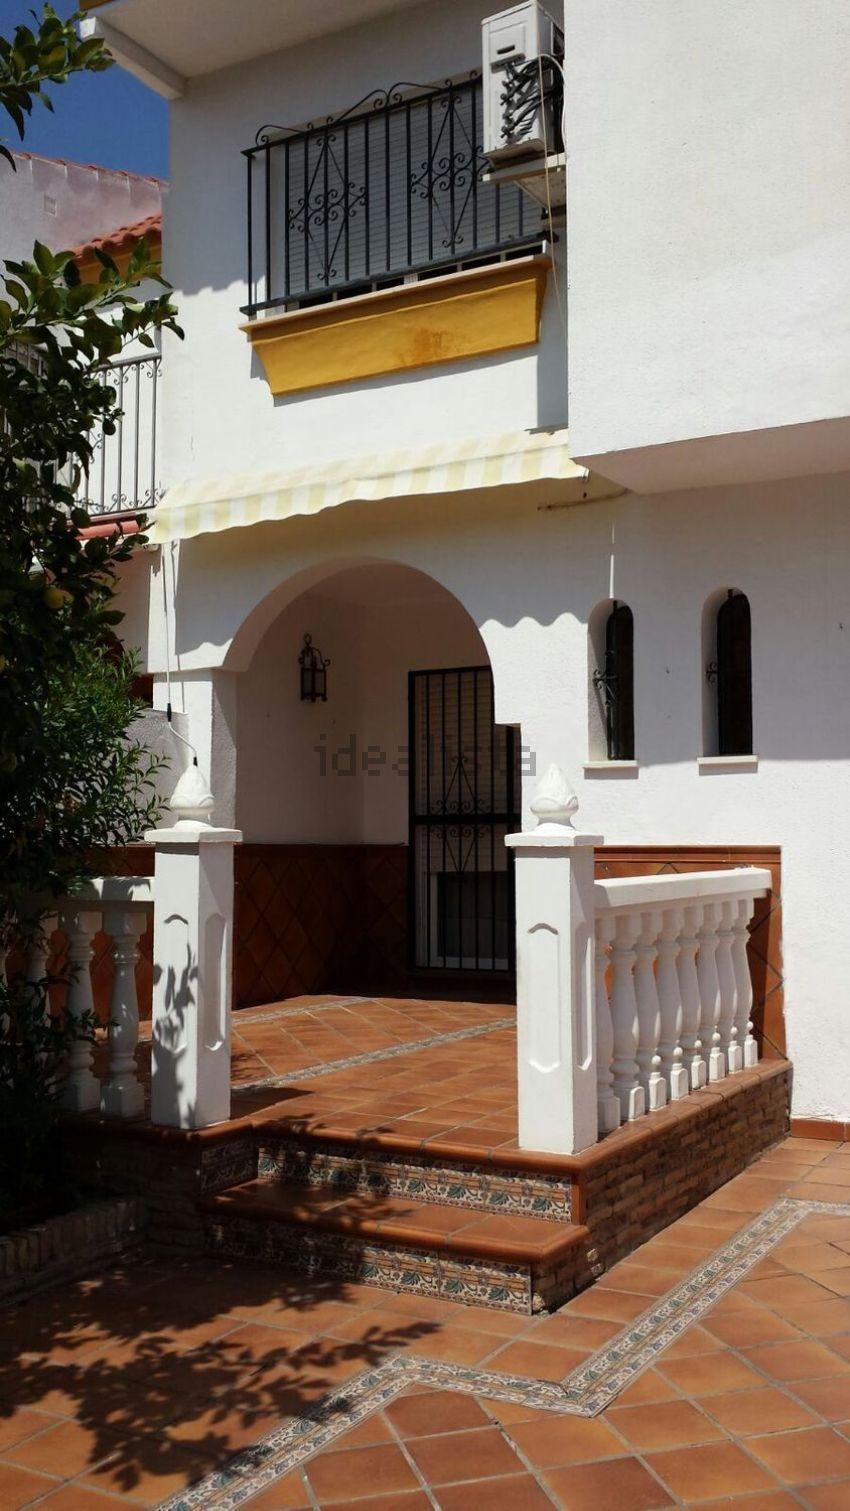 Chalet adosado en calle Gonzalo Torrente Ballester, 29, Casco Antiguo, Mairena d